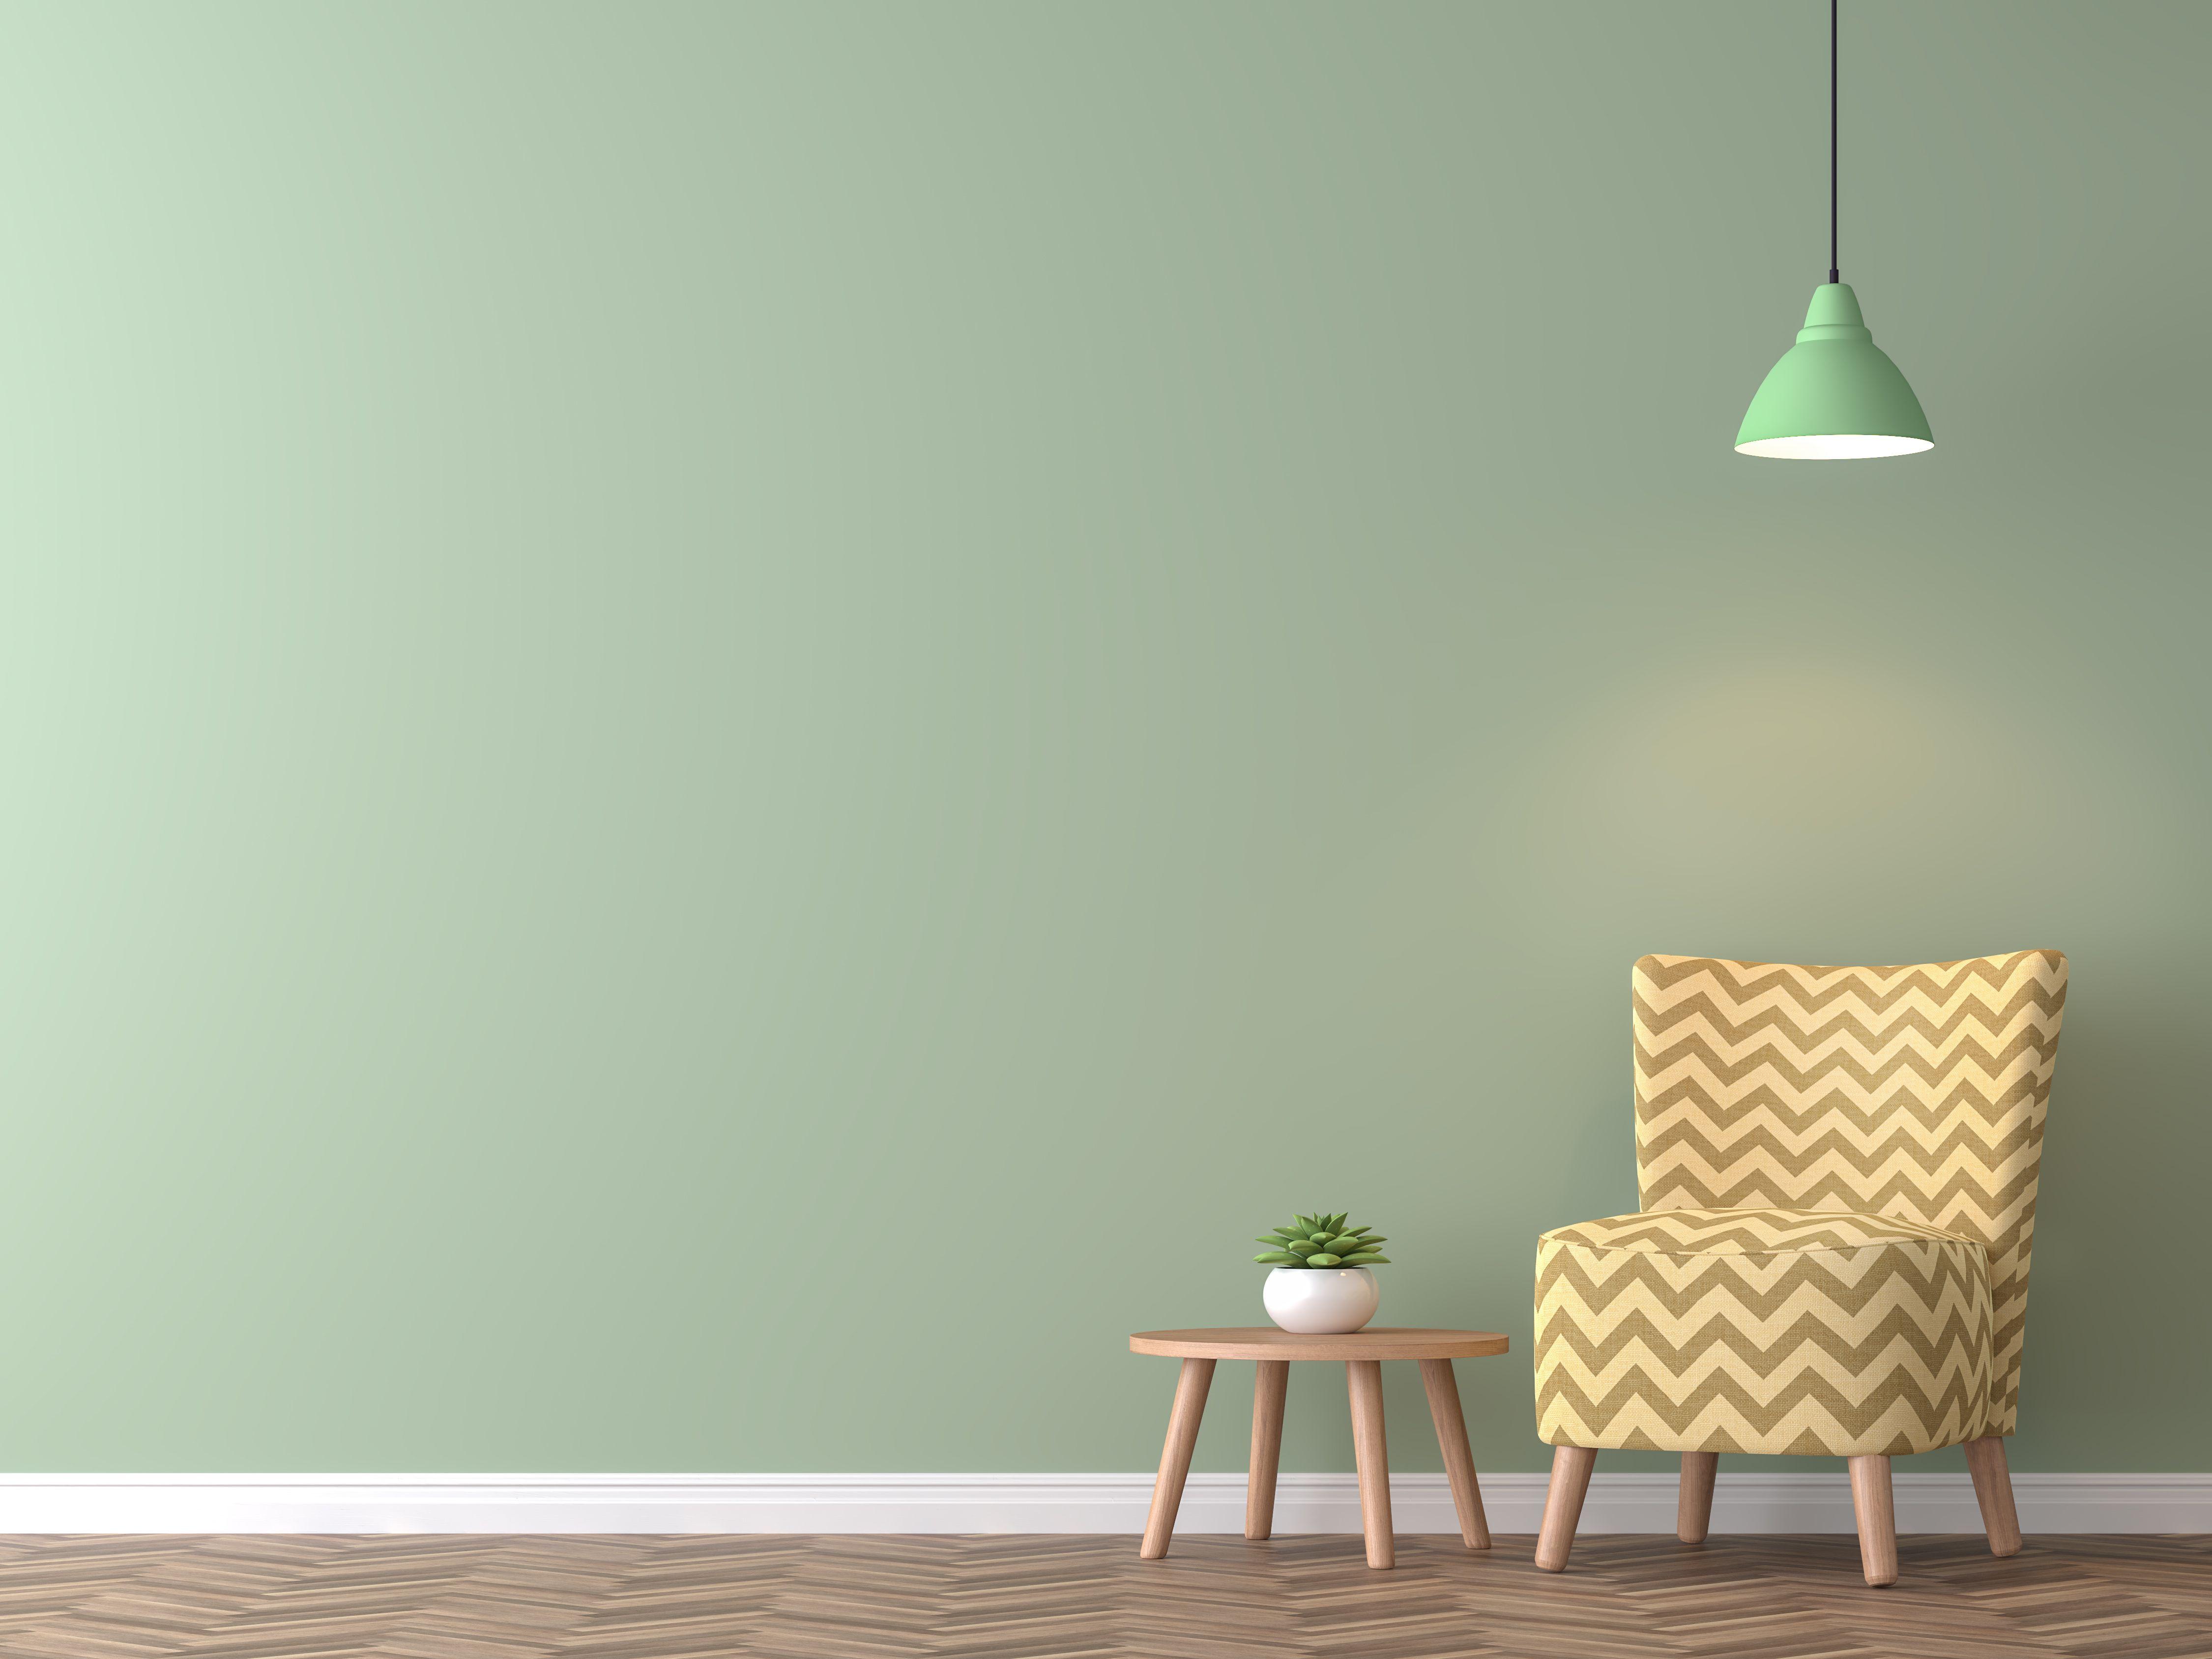 Los Colores Frios Dan Sensacion De Tranquilidad De Seriedad De Distanciamiento Si E Decoracion De Interiores Decoracion De La Habitacion Decoracion De Pared